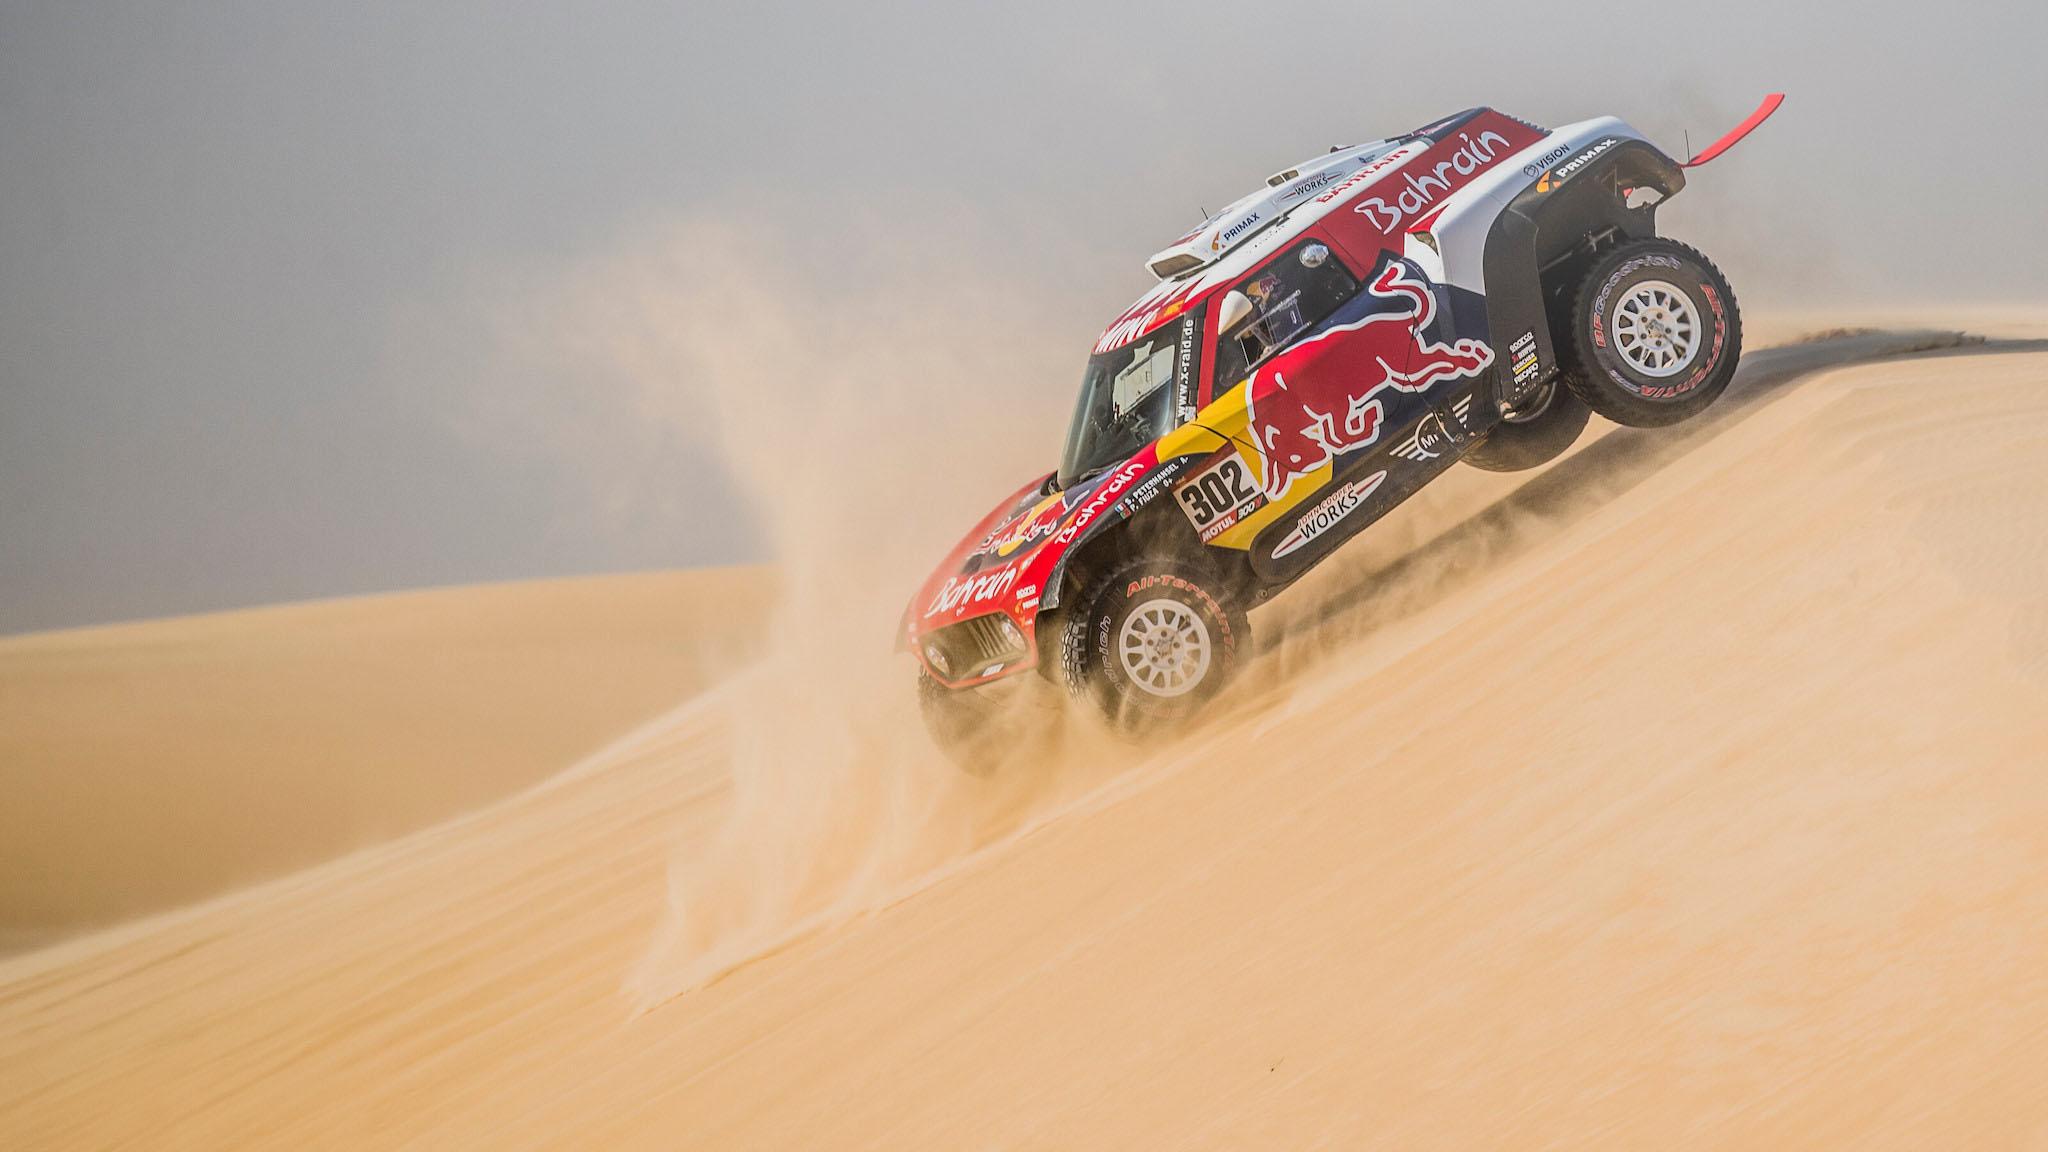 2021 達卡拉力賽將於明年 1 月登場沙烏地阿拉伯